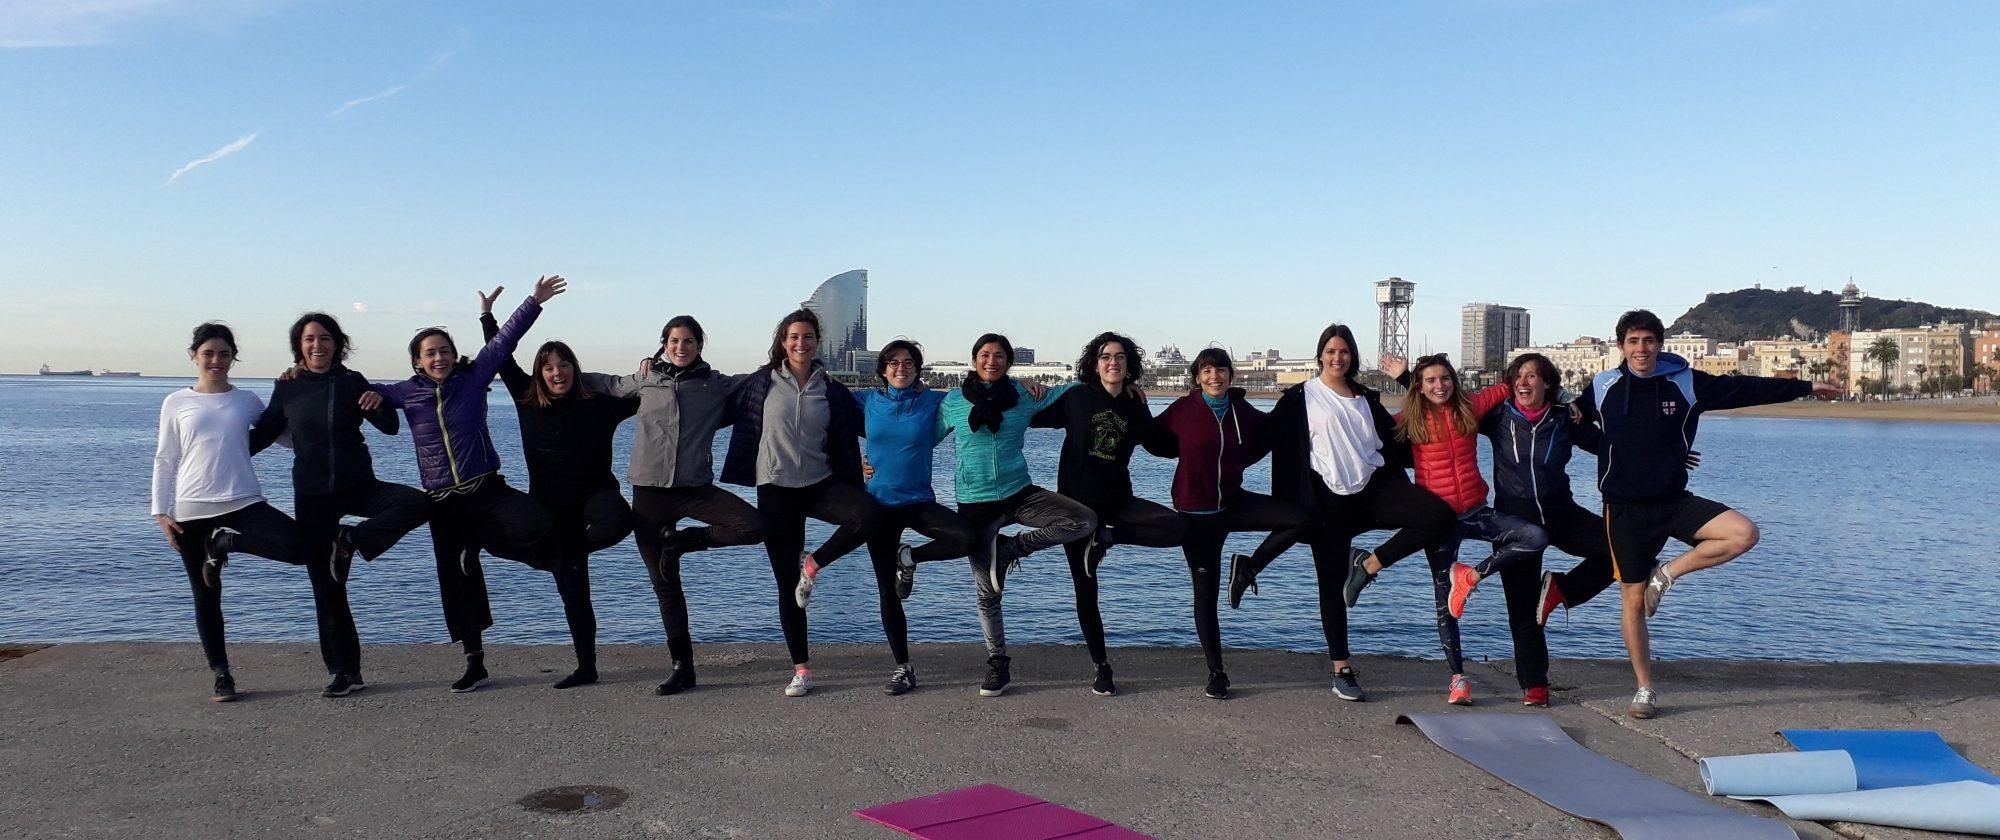 Imatge d'una de les sessions matinals de ioga a la platja, organitzada dins de la Setmana Saludable del PRBB.